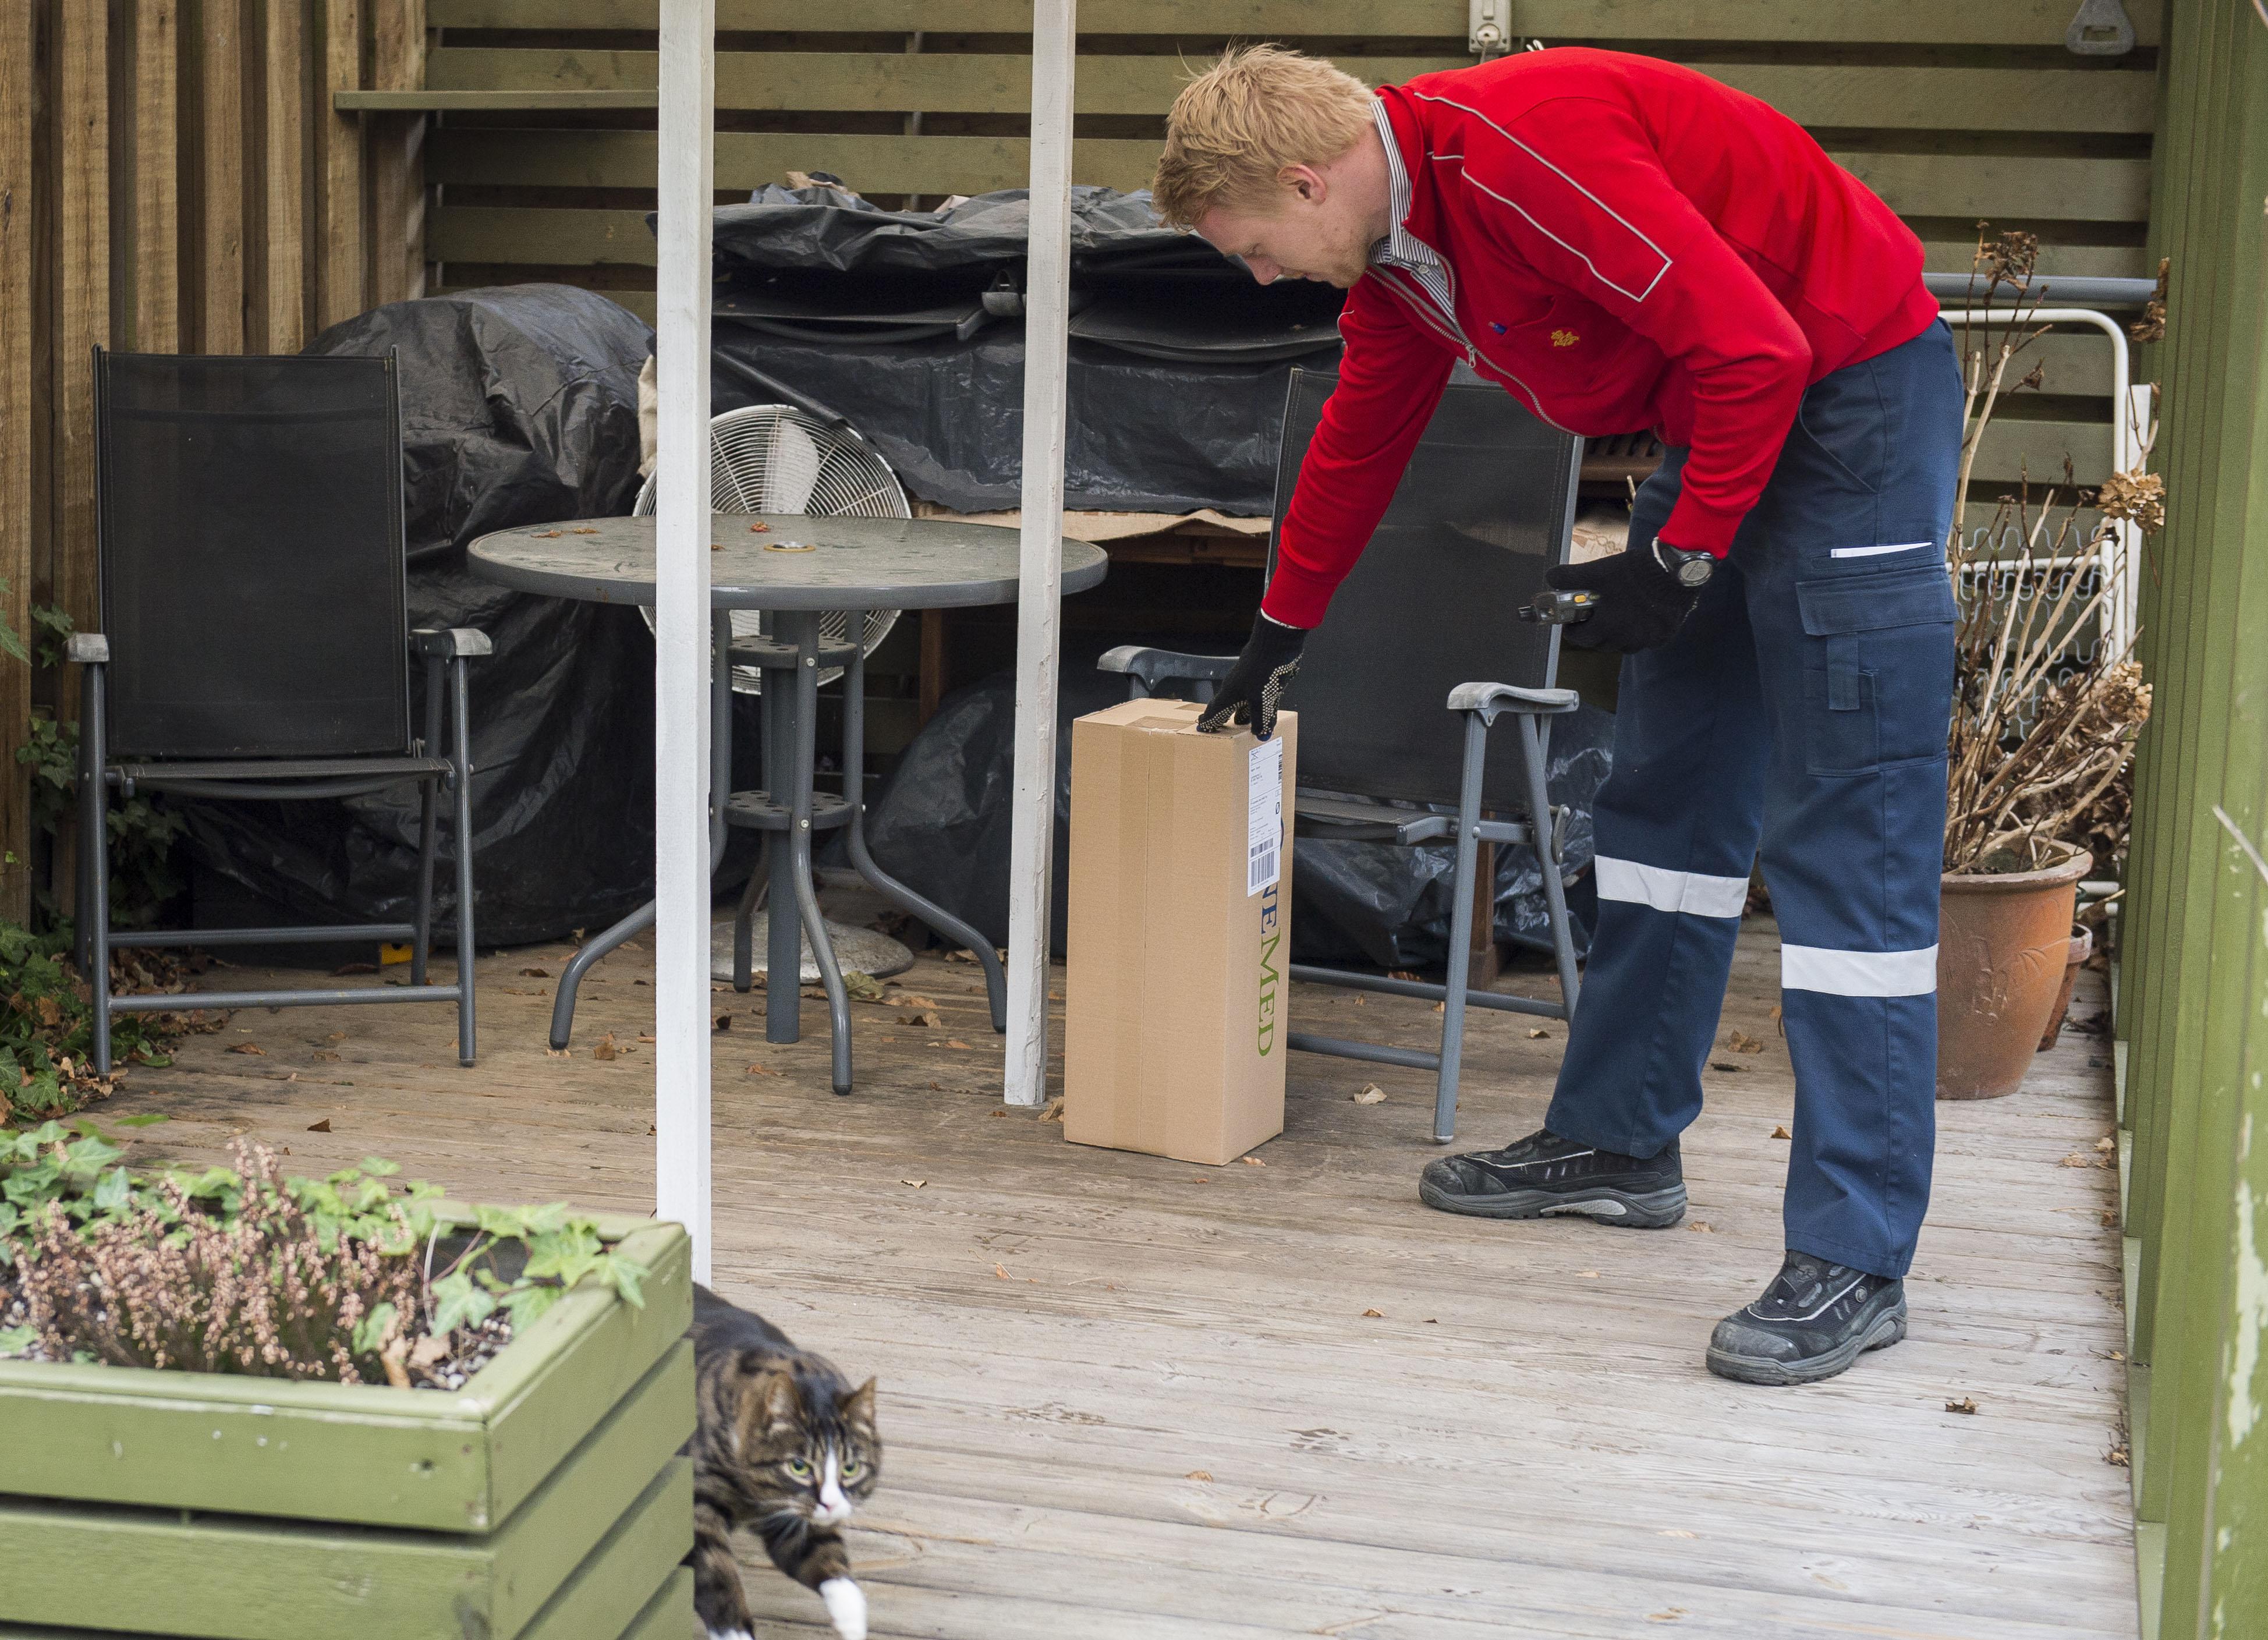 PostNord börjar dela ut paket utan att folk är hemma